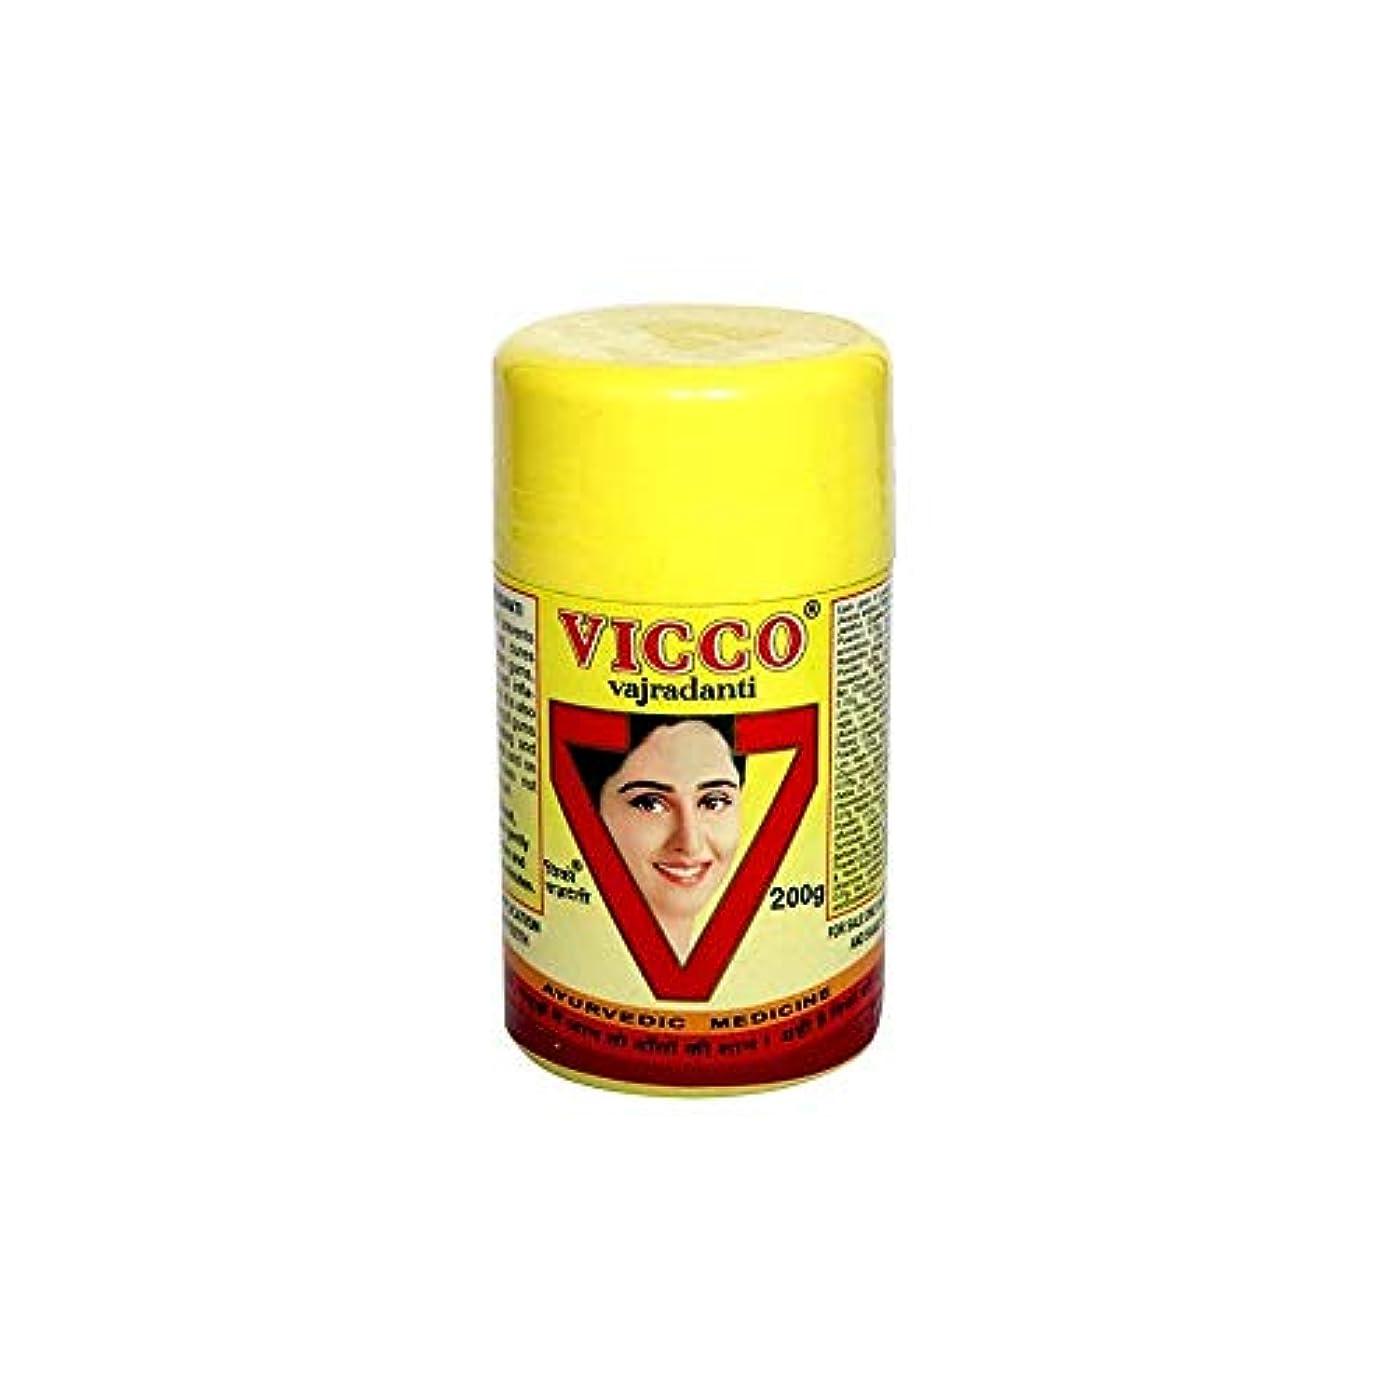 広範囲マーキングアラバマVicco Vajradanti Ayurvedic Herbal Tooth Powder 200g Prevents Tooth Decay Cures by Vicco Lab